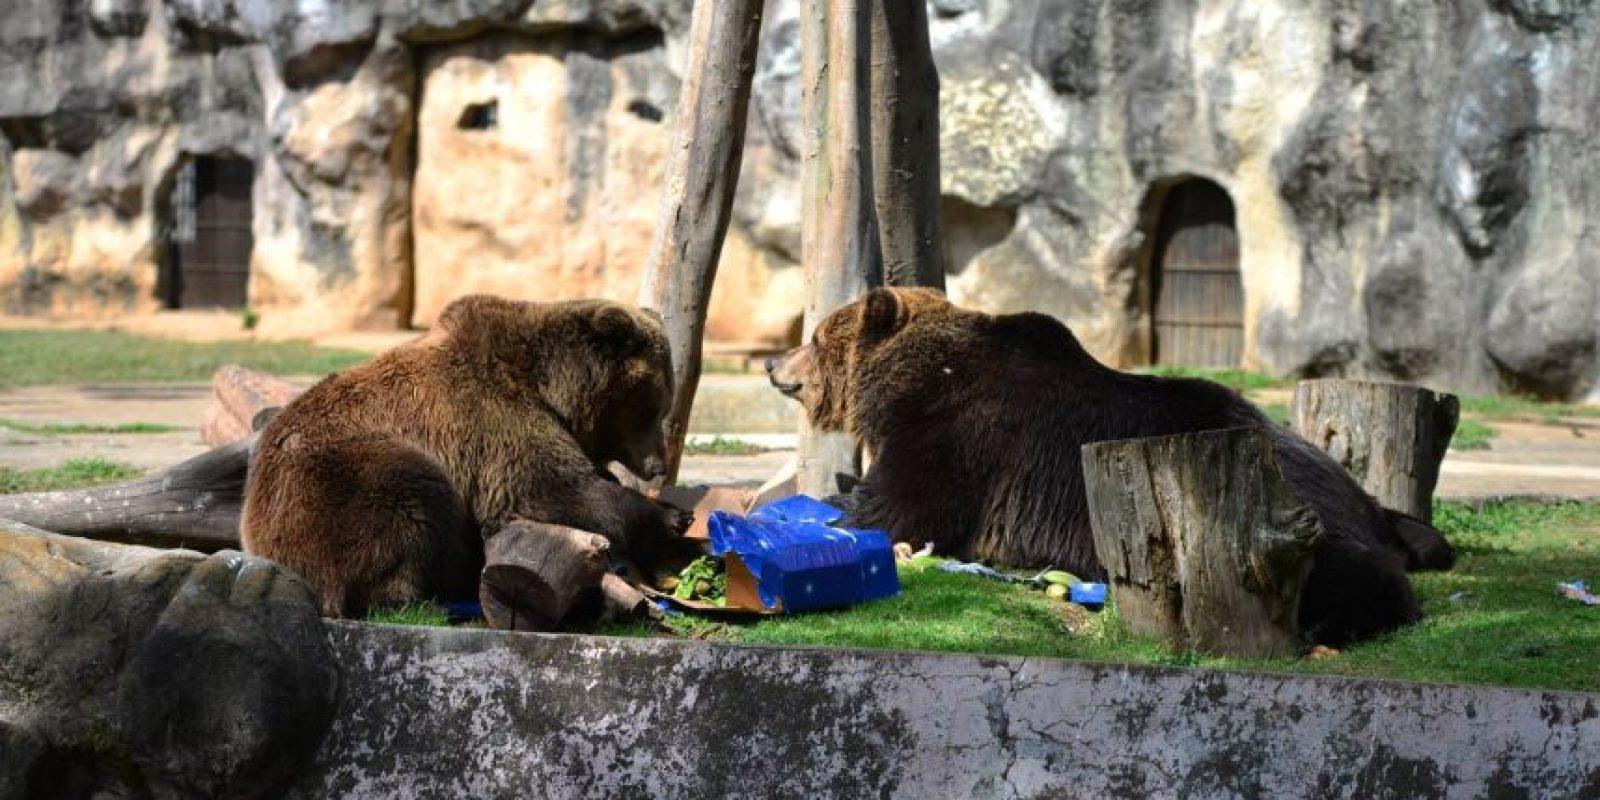 Los osos se alimentaron con carne. Foto:Oliver de Ros